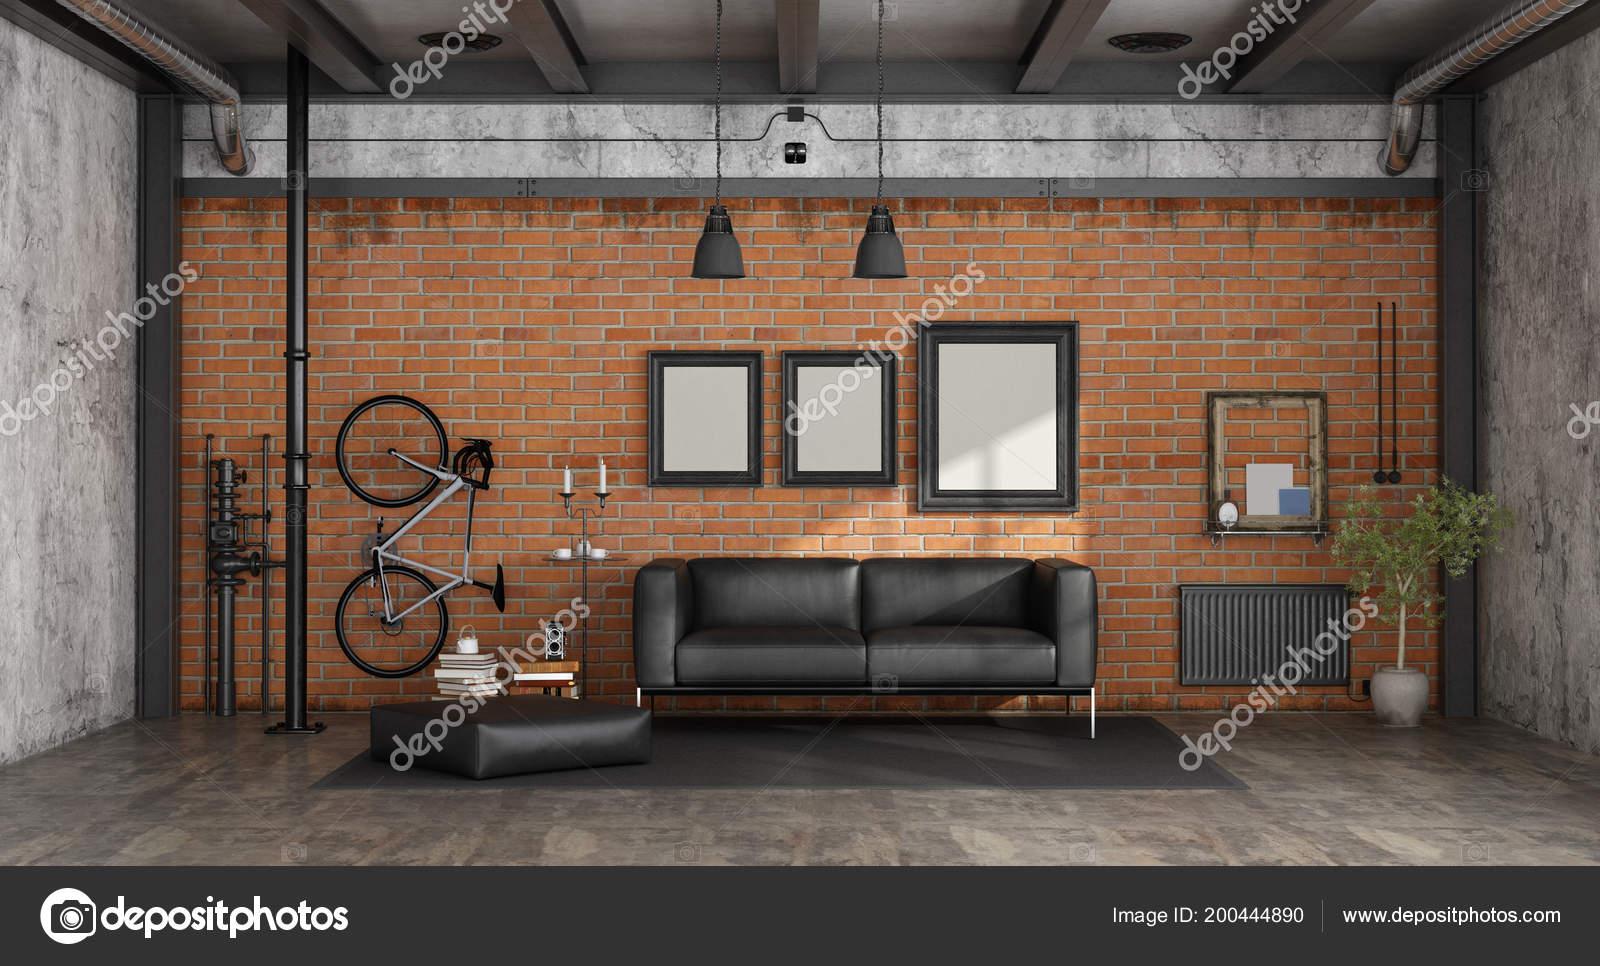 Woonkamer Zwarte Bank : Woonkamer een loft met zwarte bank tegen een bakstenen muur